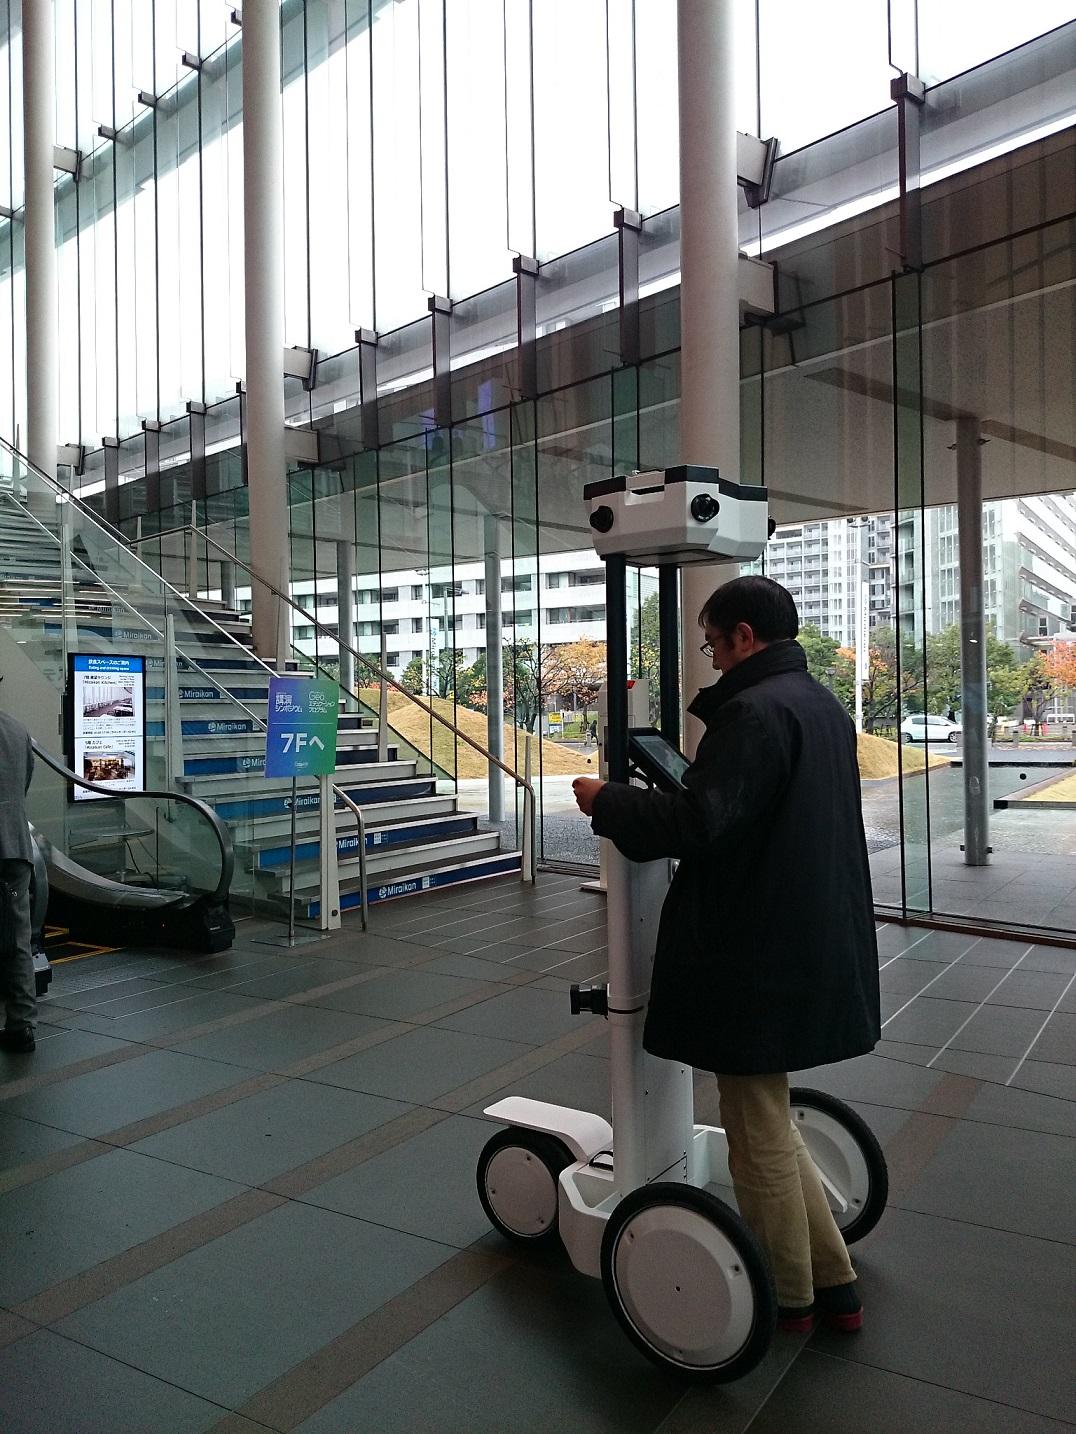 """会場内を3D撮影してまわっている """"NavVis"""" ナビビズというトロリー。屋内空間情報を3Dデータ化するそうです。"""